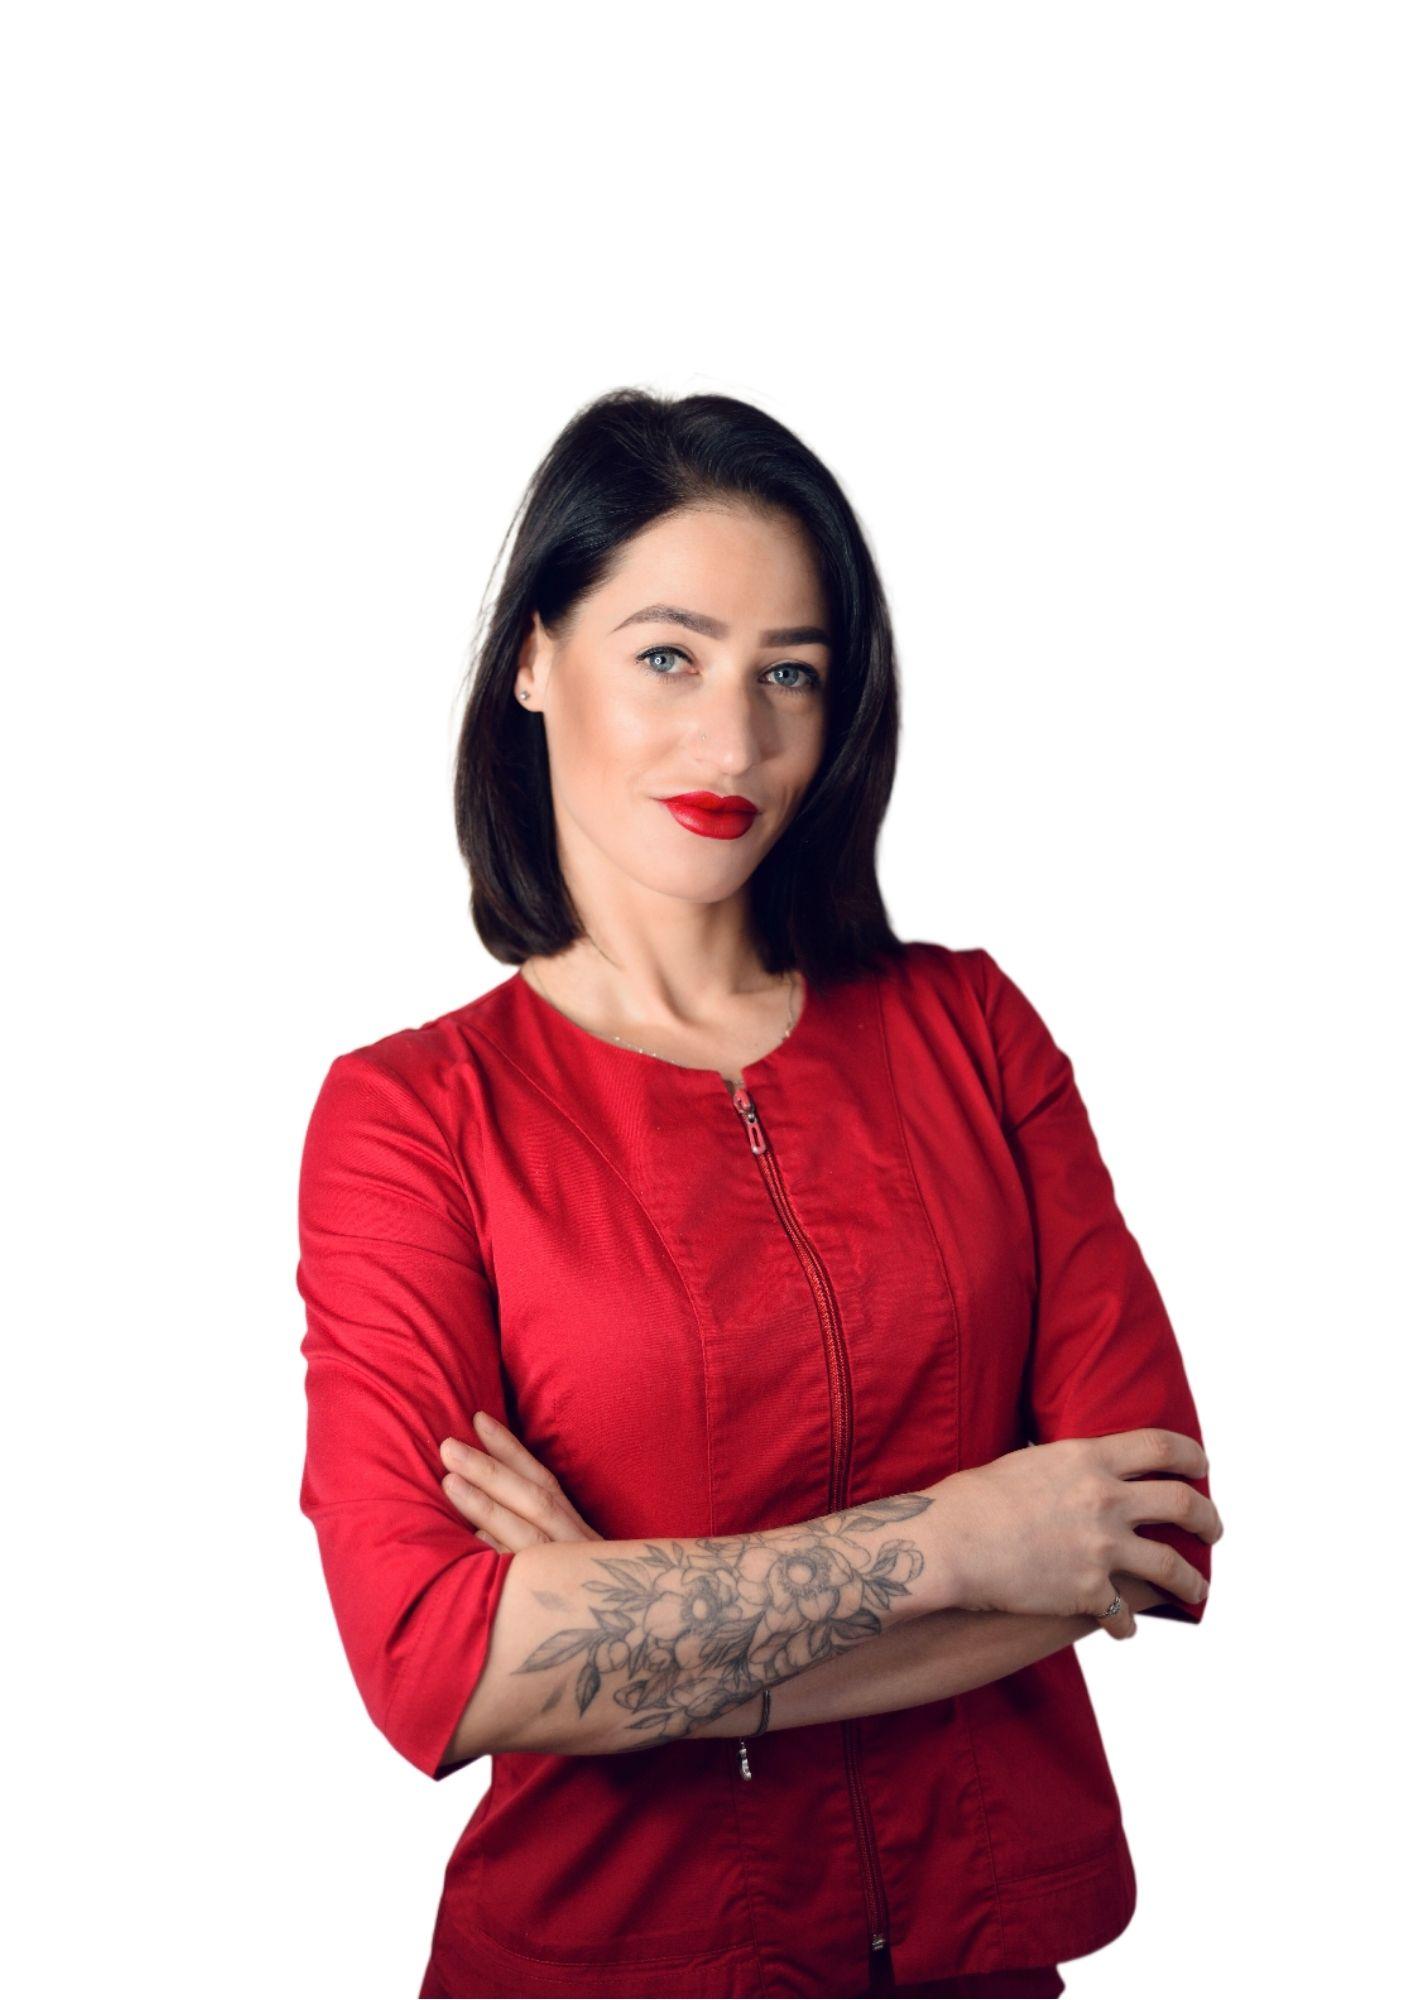 Жалейко Кристина